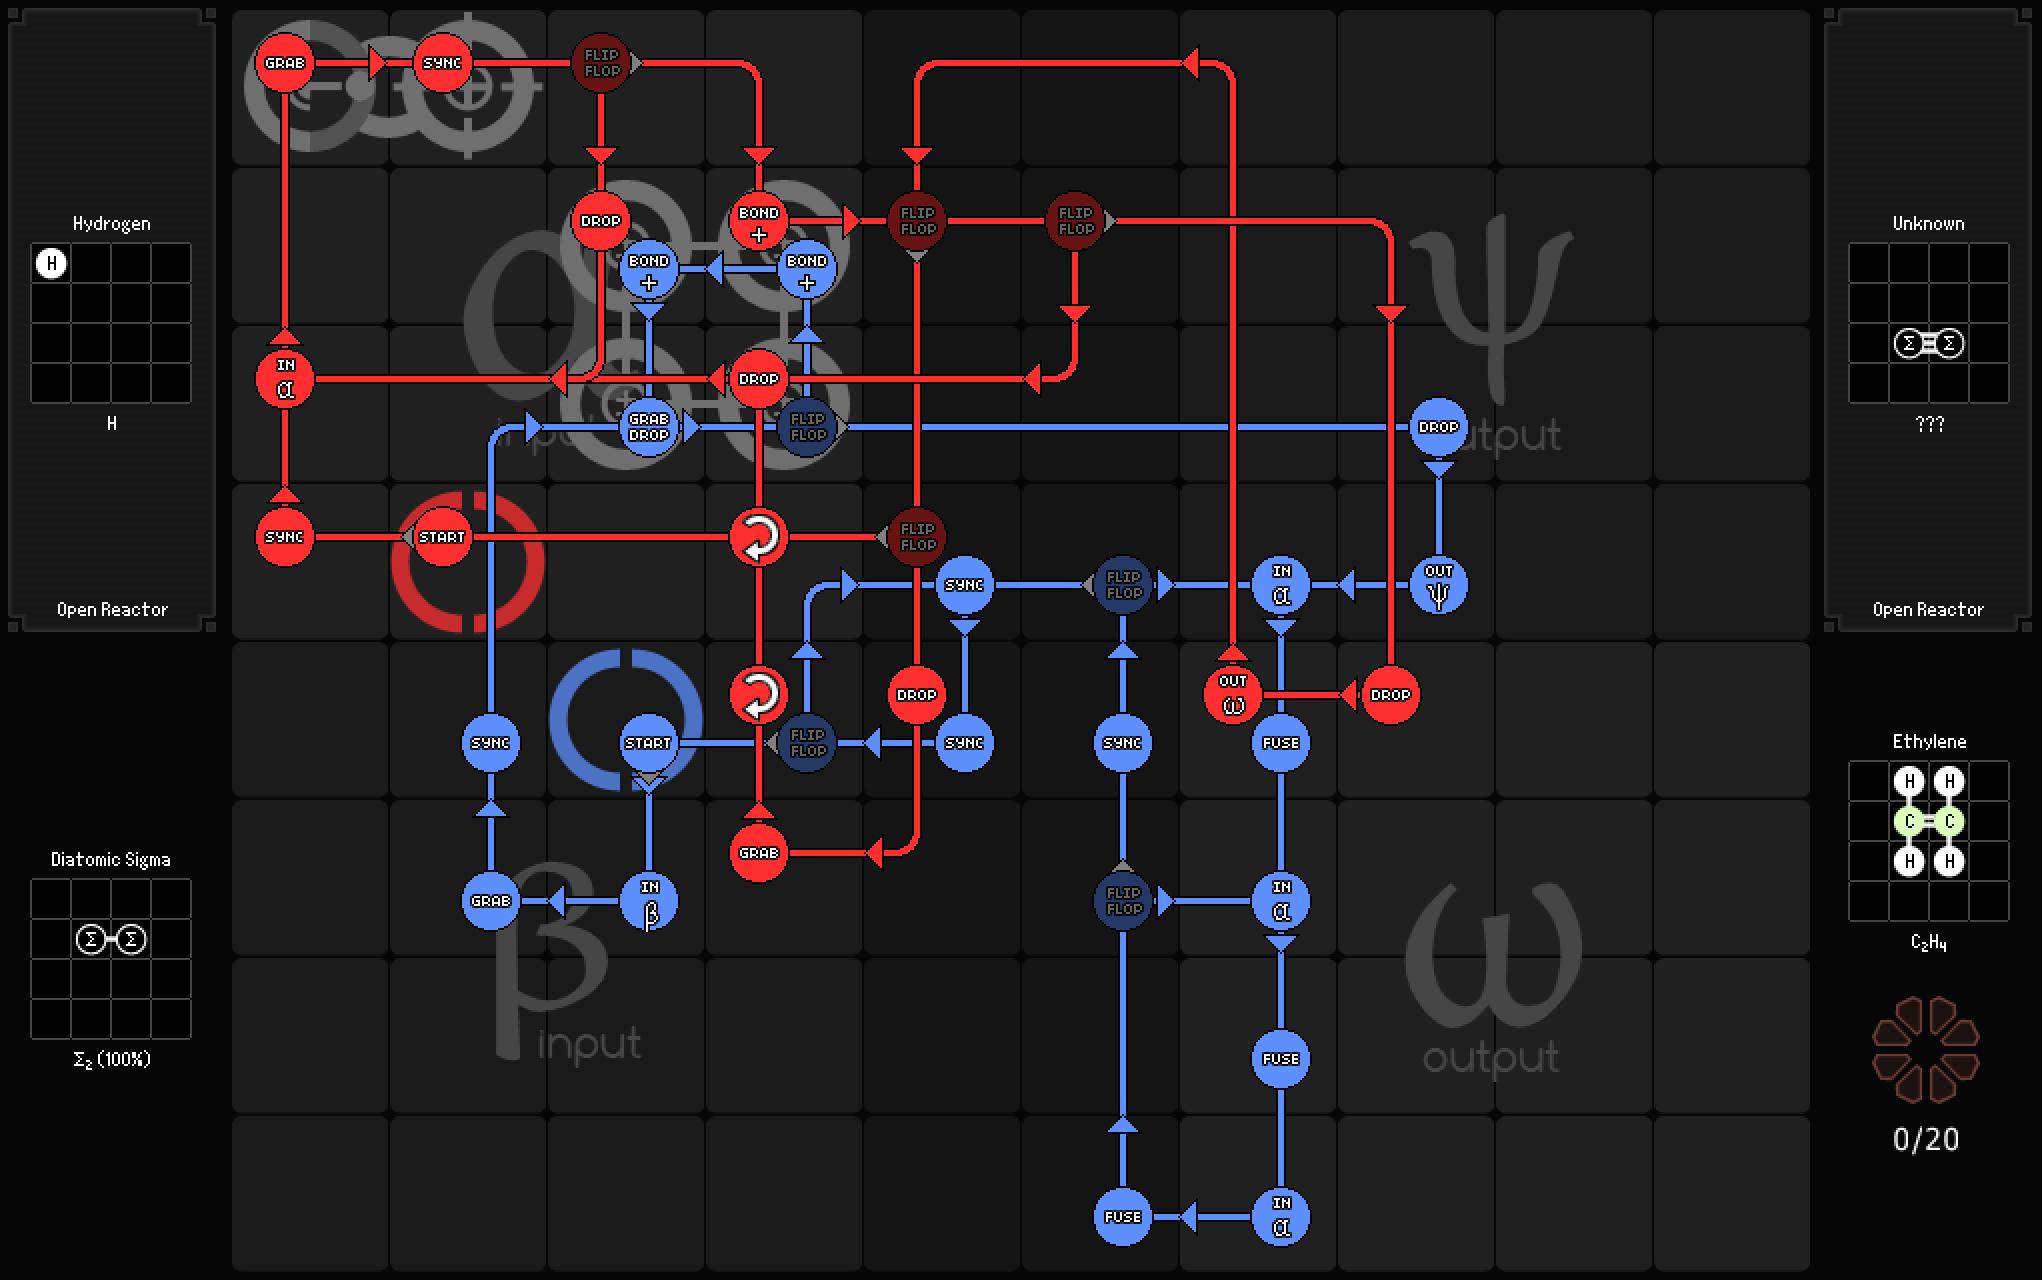 1_Story_Mode/8_Flidais/SpaceChem-8.5.b/Reactor_2.png